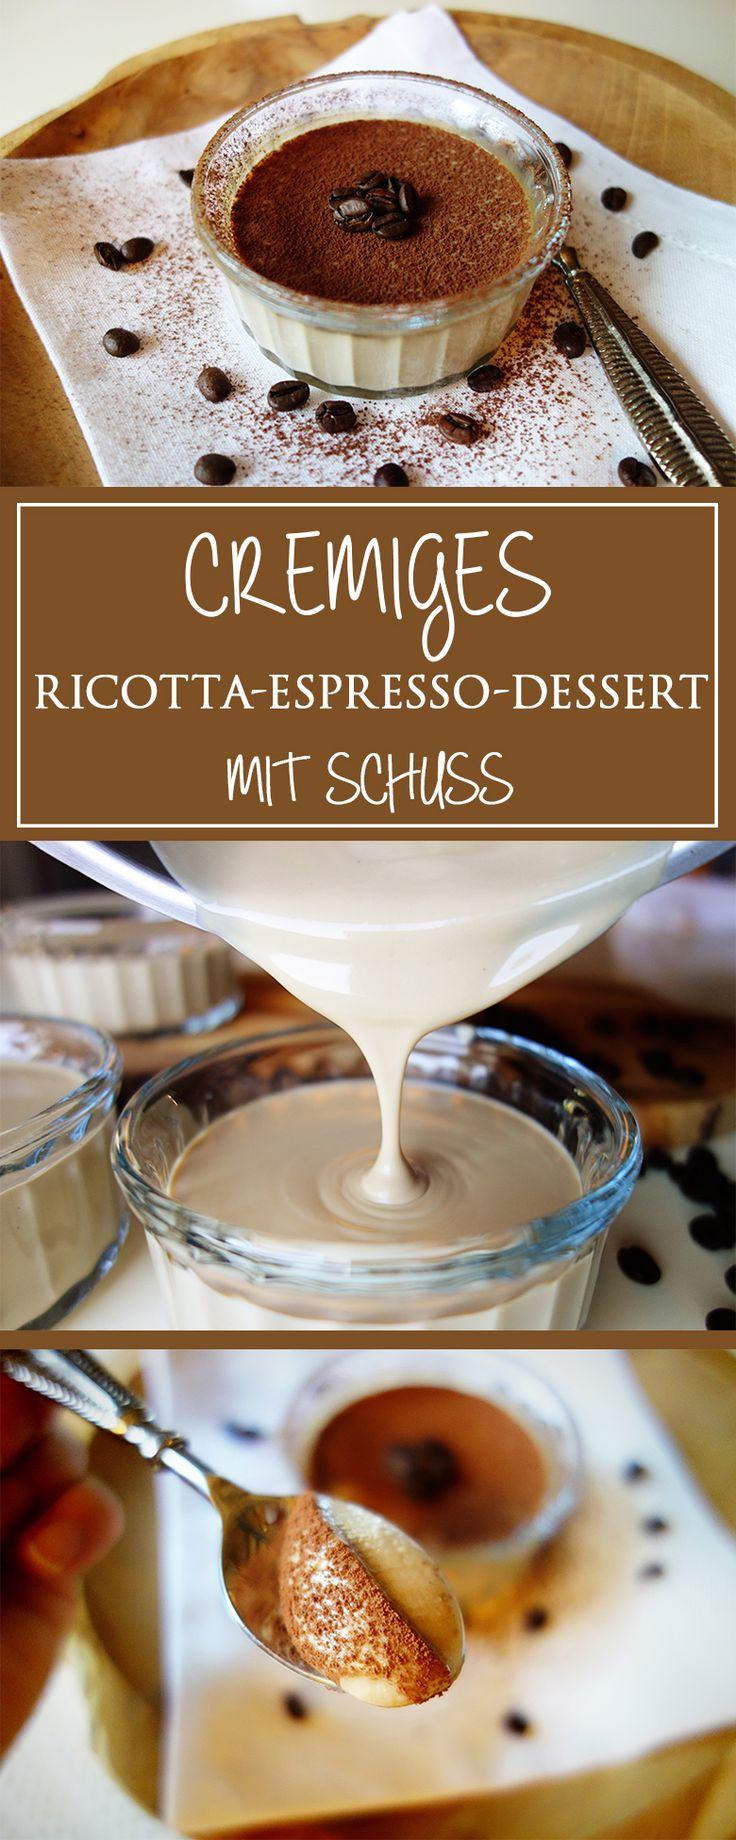 Cremiges Ricotta-Espresso-Dessert mit Schuss - das wohl einfachste italienische Dolci-Rezept: eine leckere Kombination mit etwas Rum ... unwiderstehlich gut!  | cucina-con-amore.de